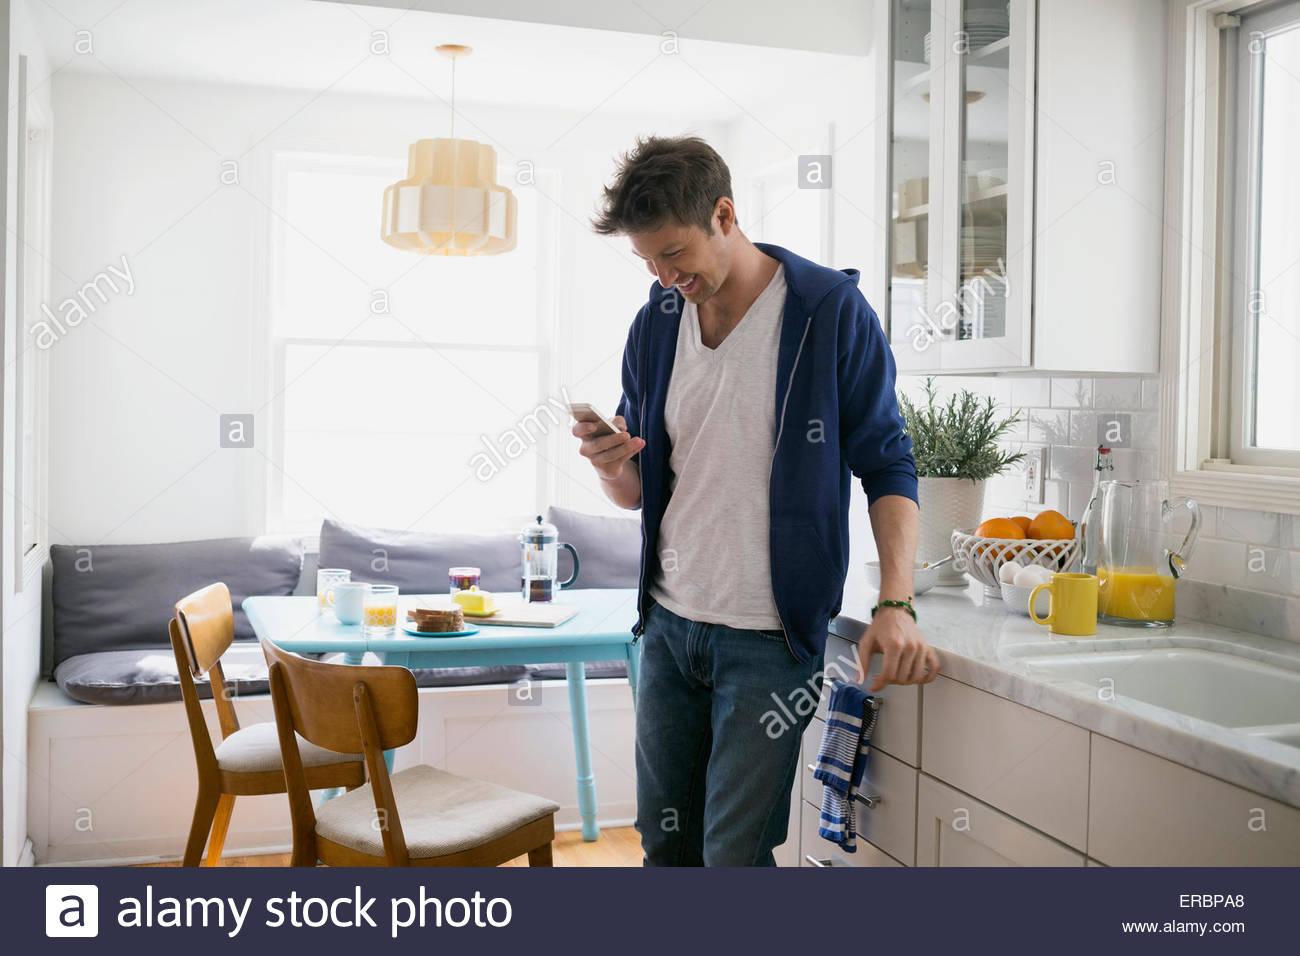 Uomo informale texting con un telefono cellulare in cucina Immagini Stock